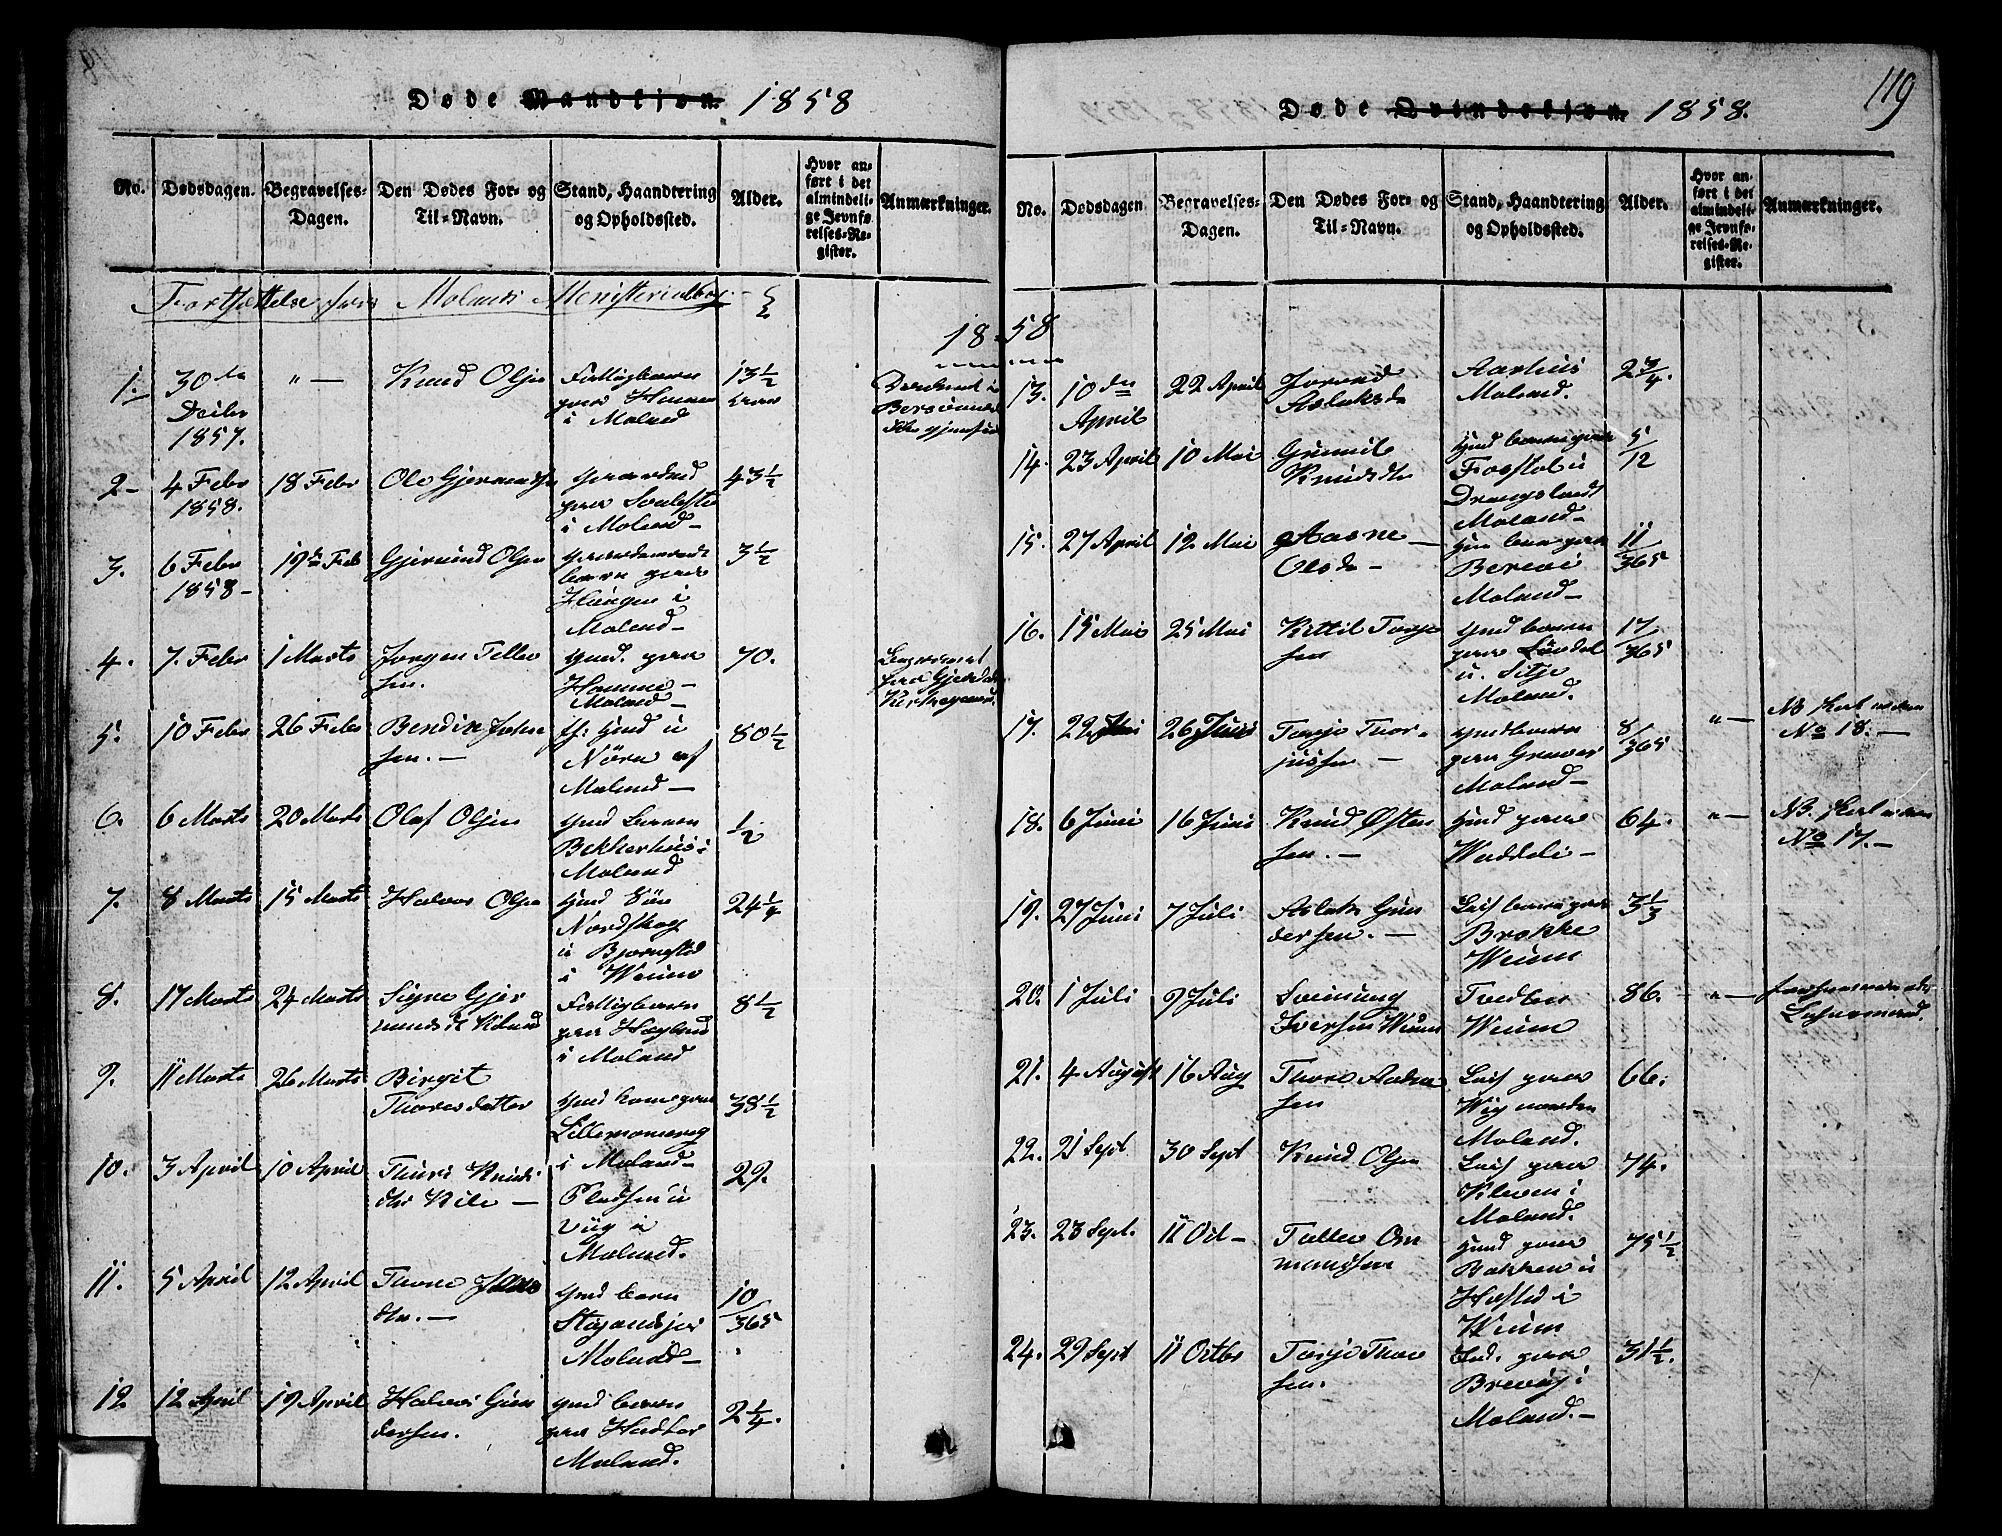 SAKO, Fyresdal kirkebøker, G/Ga/L0003: Klokkerbok nr. I 3, 1815-1863, s. 119